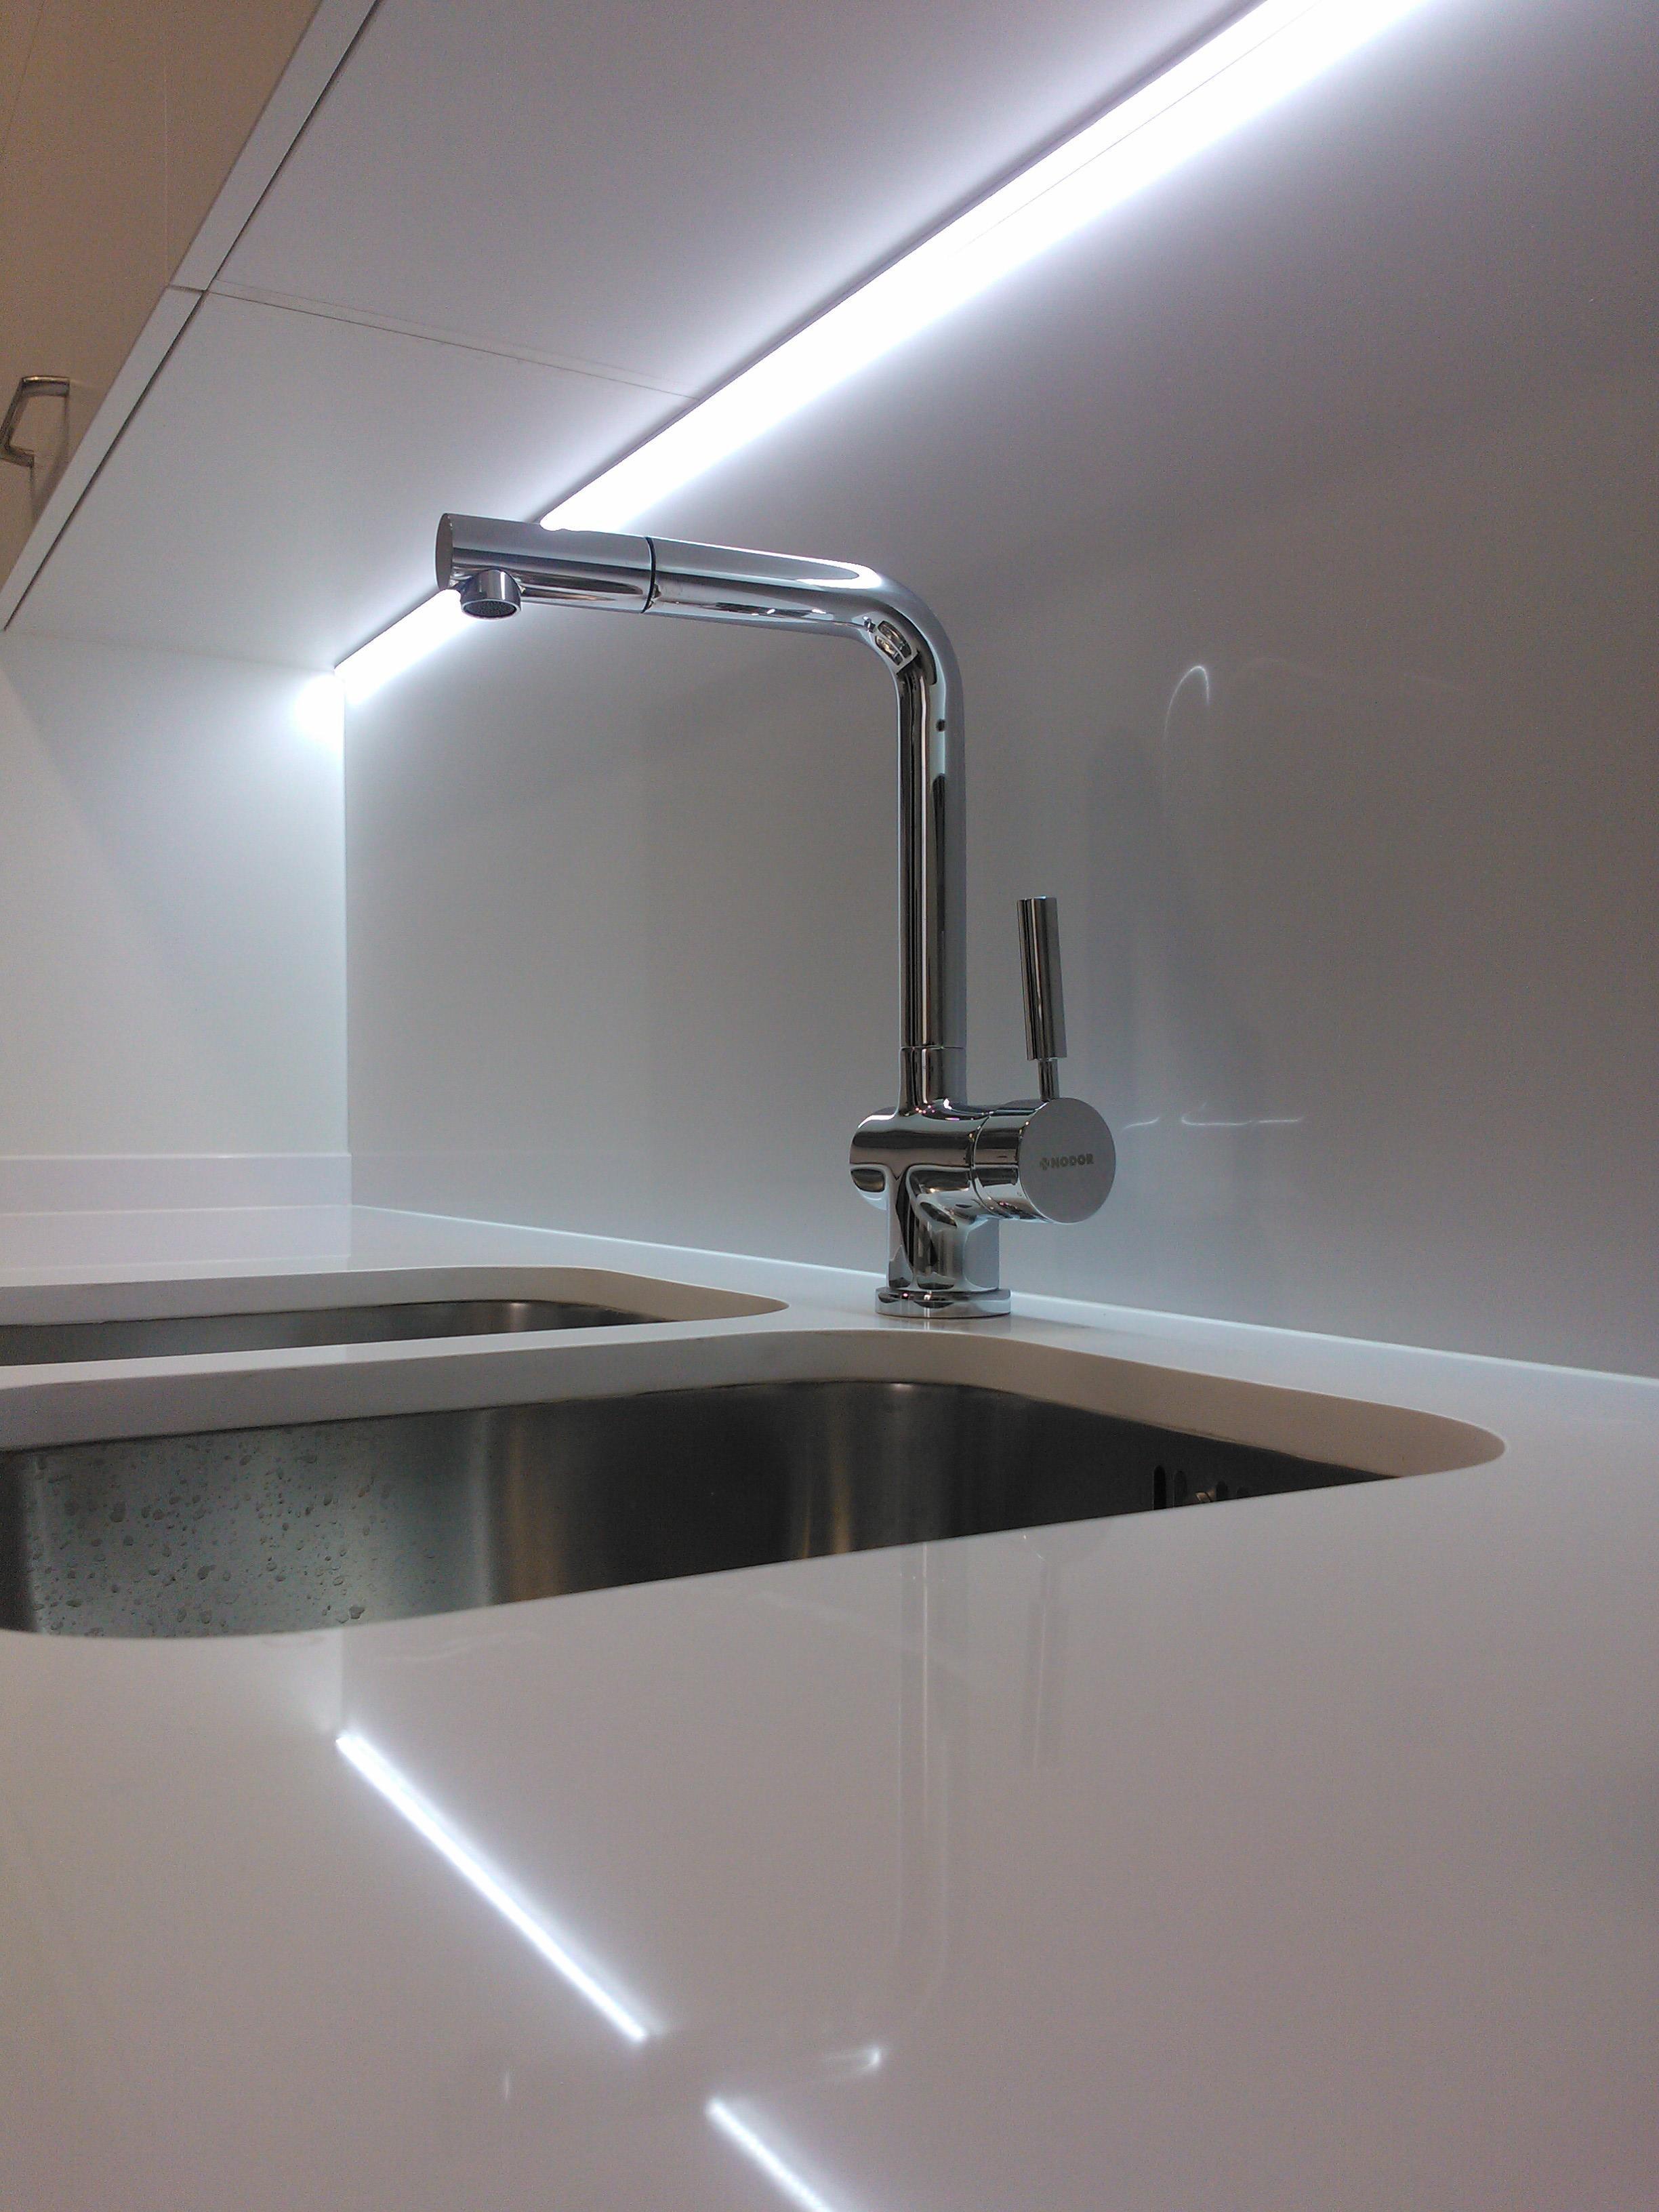 luces para muebles de cocina dise os arquitect nicos